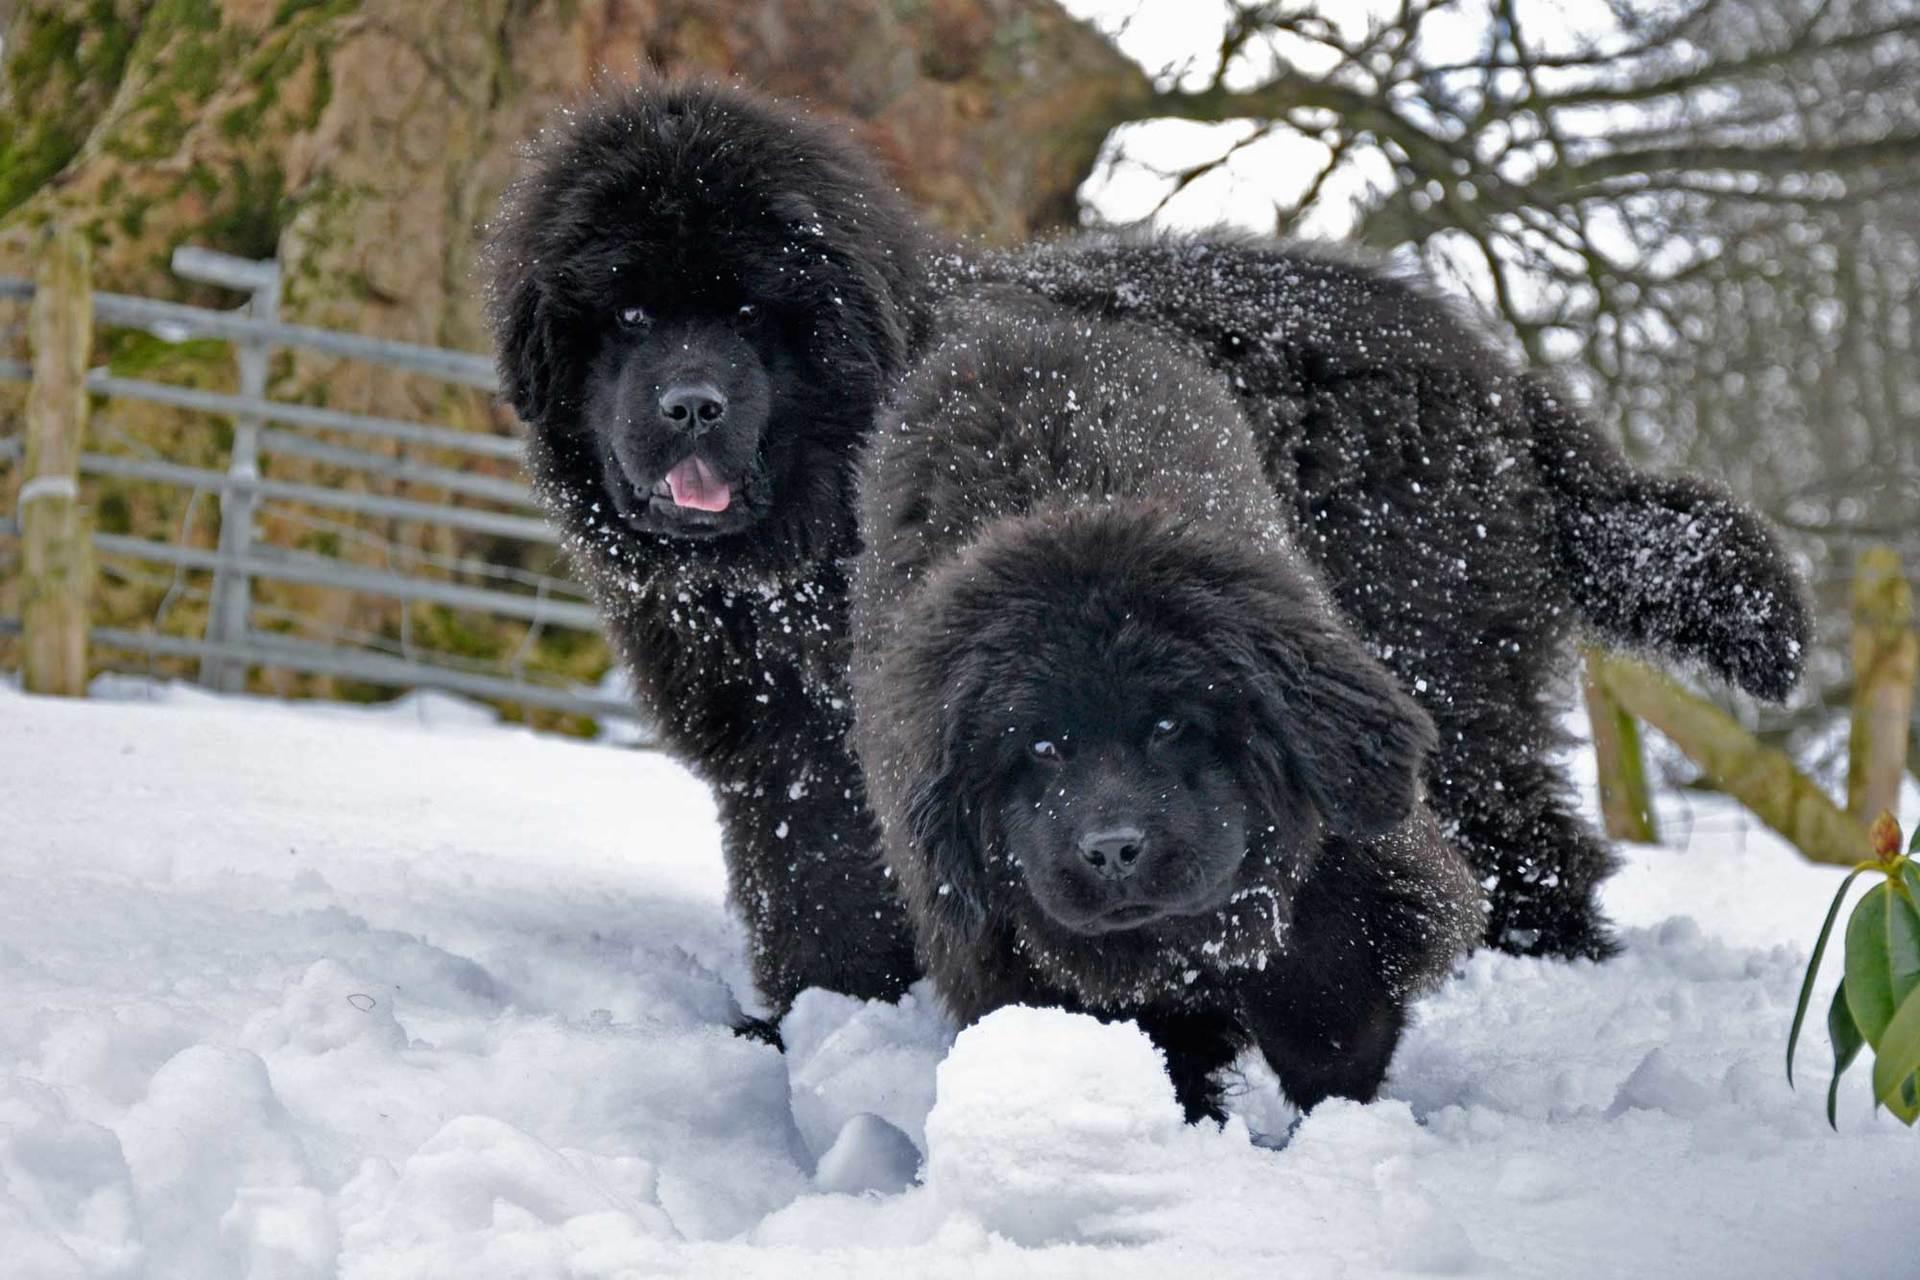 Порода собак ньюфаундленд — верный друг и отважный спасатель (фото): описание, характер, уход